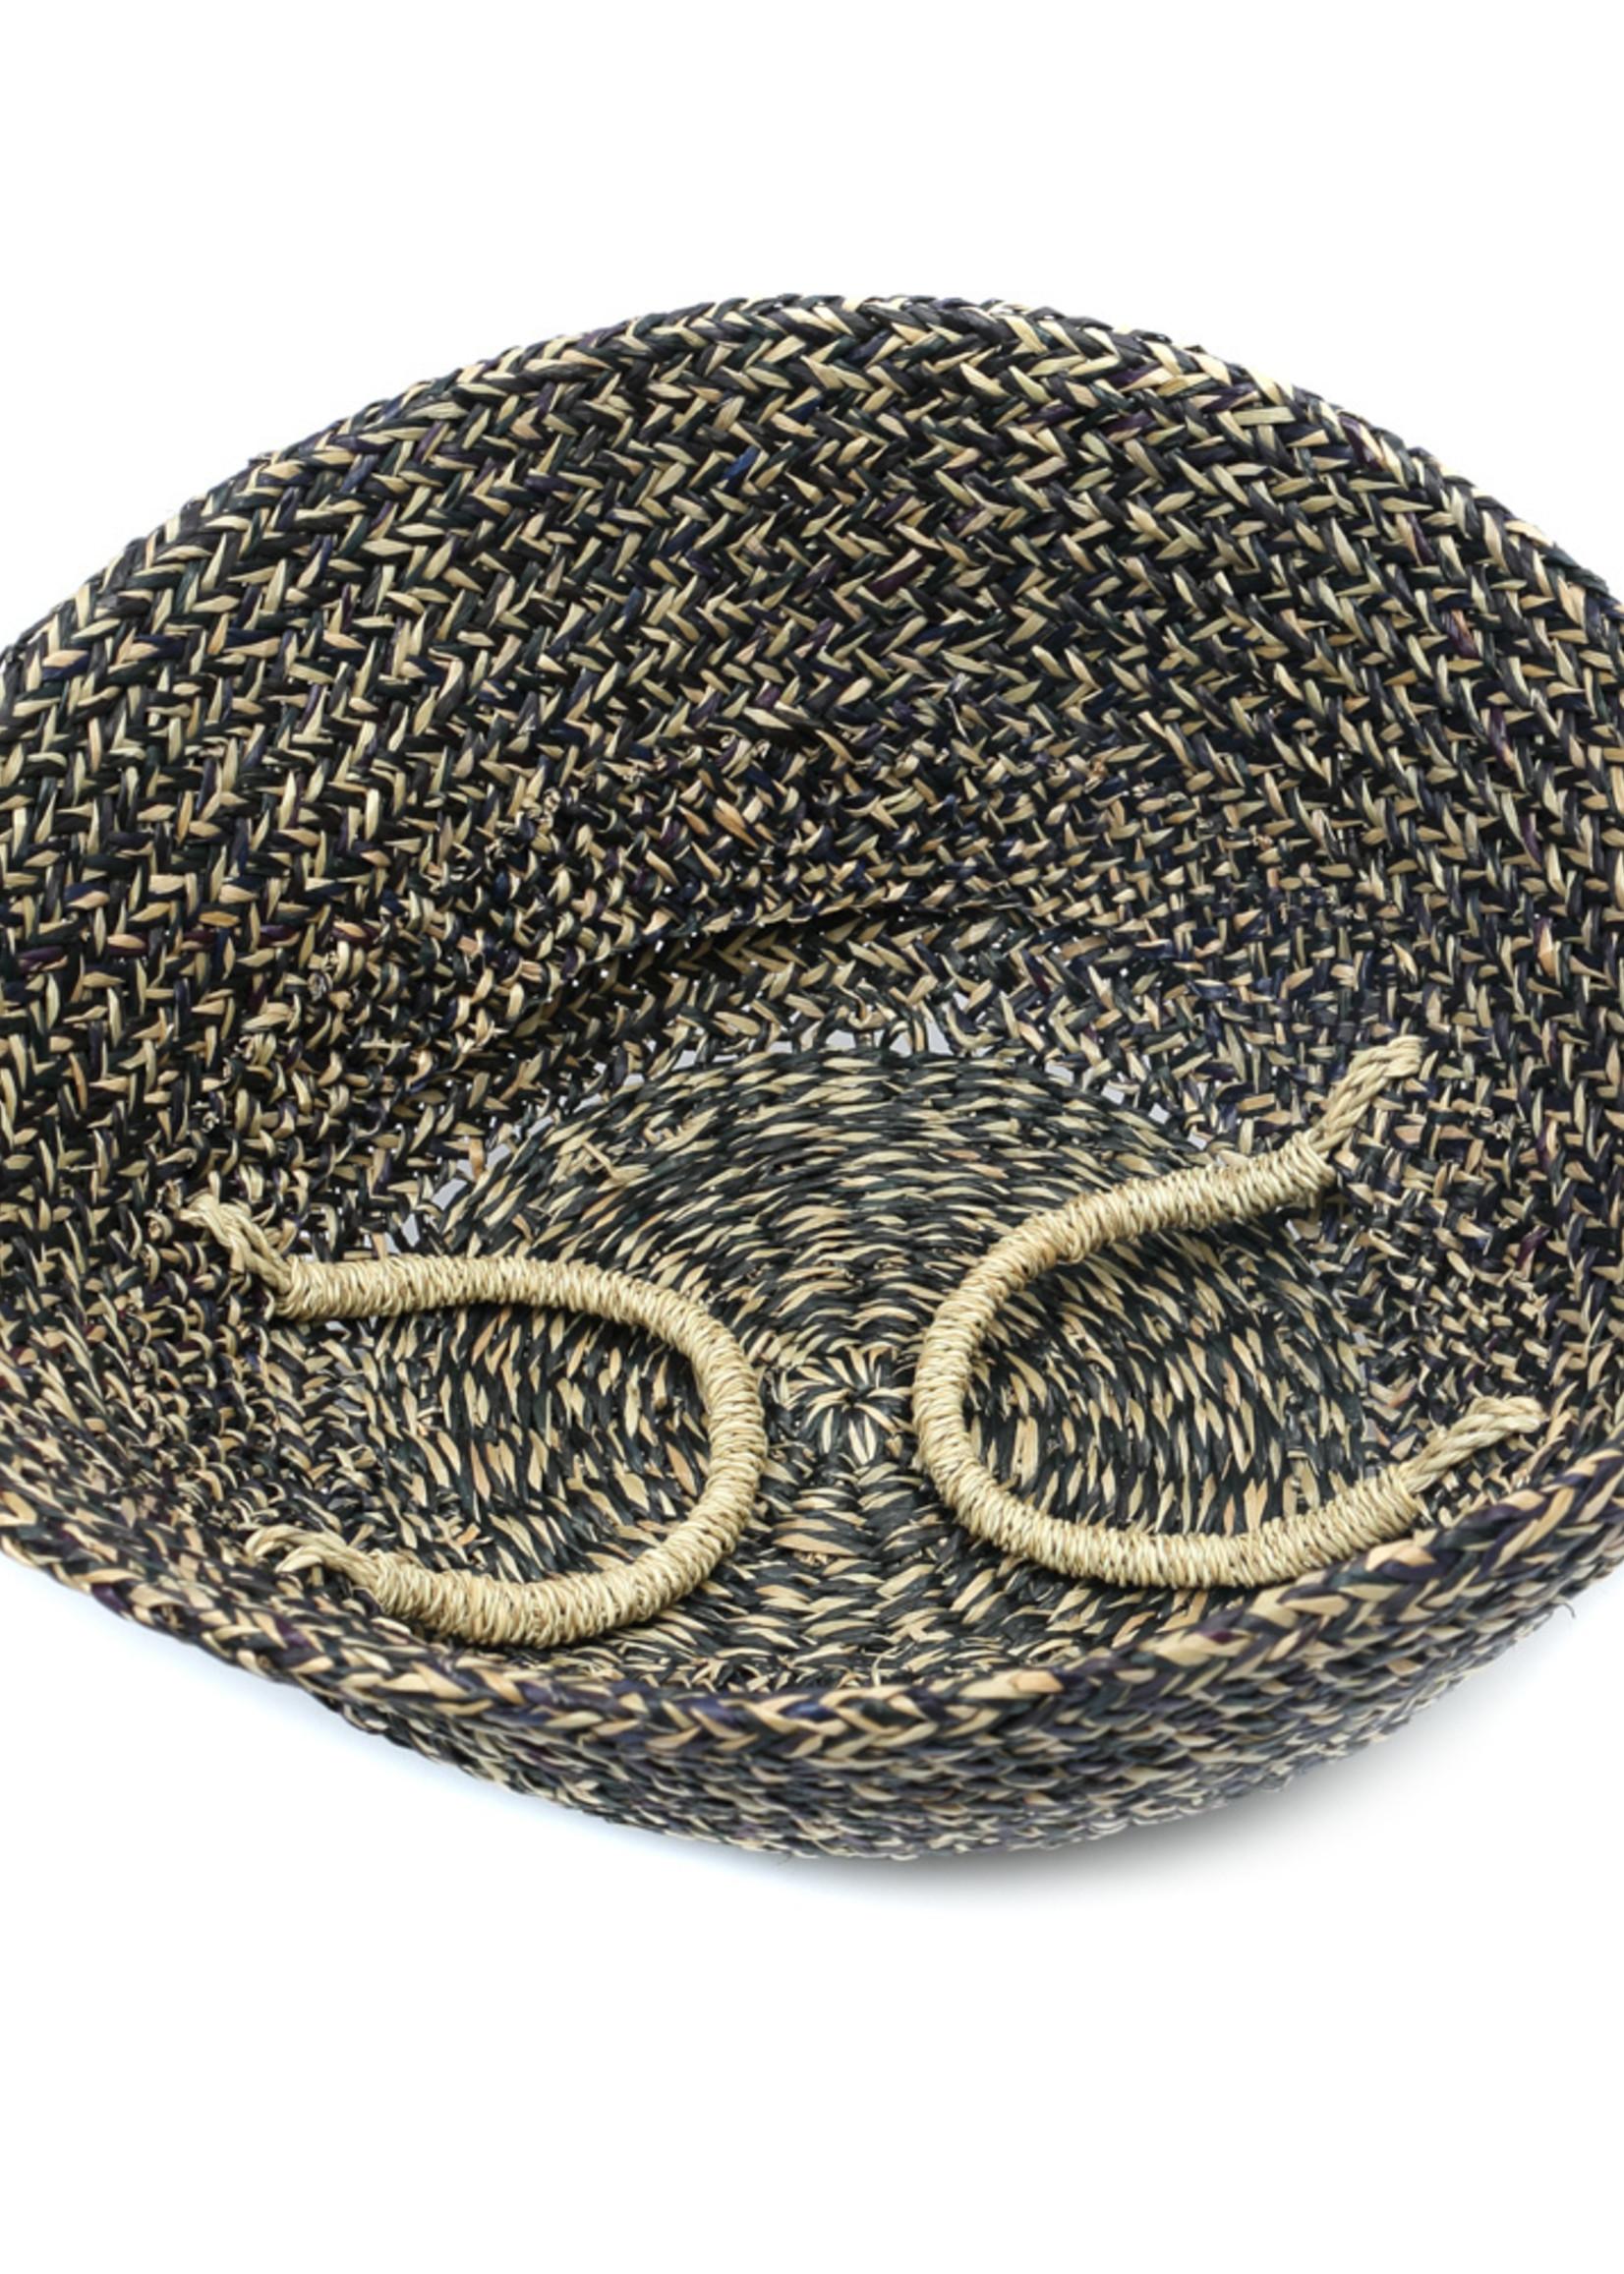 The Hola Basket - Black Natural